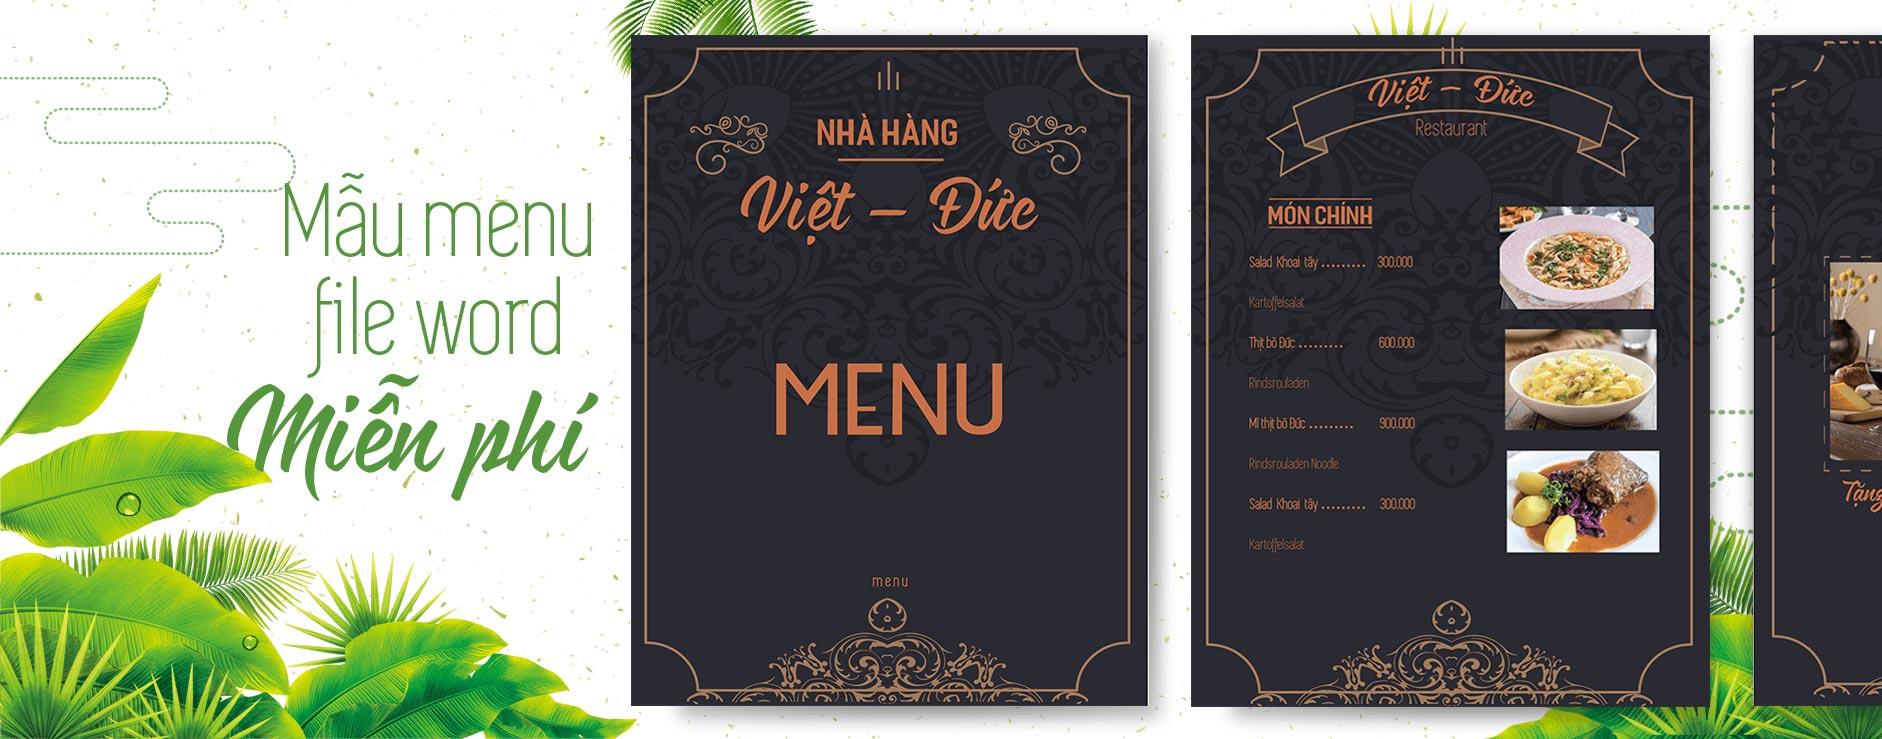 menu-word-4